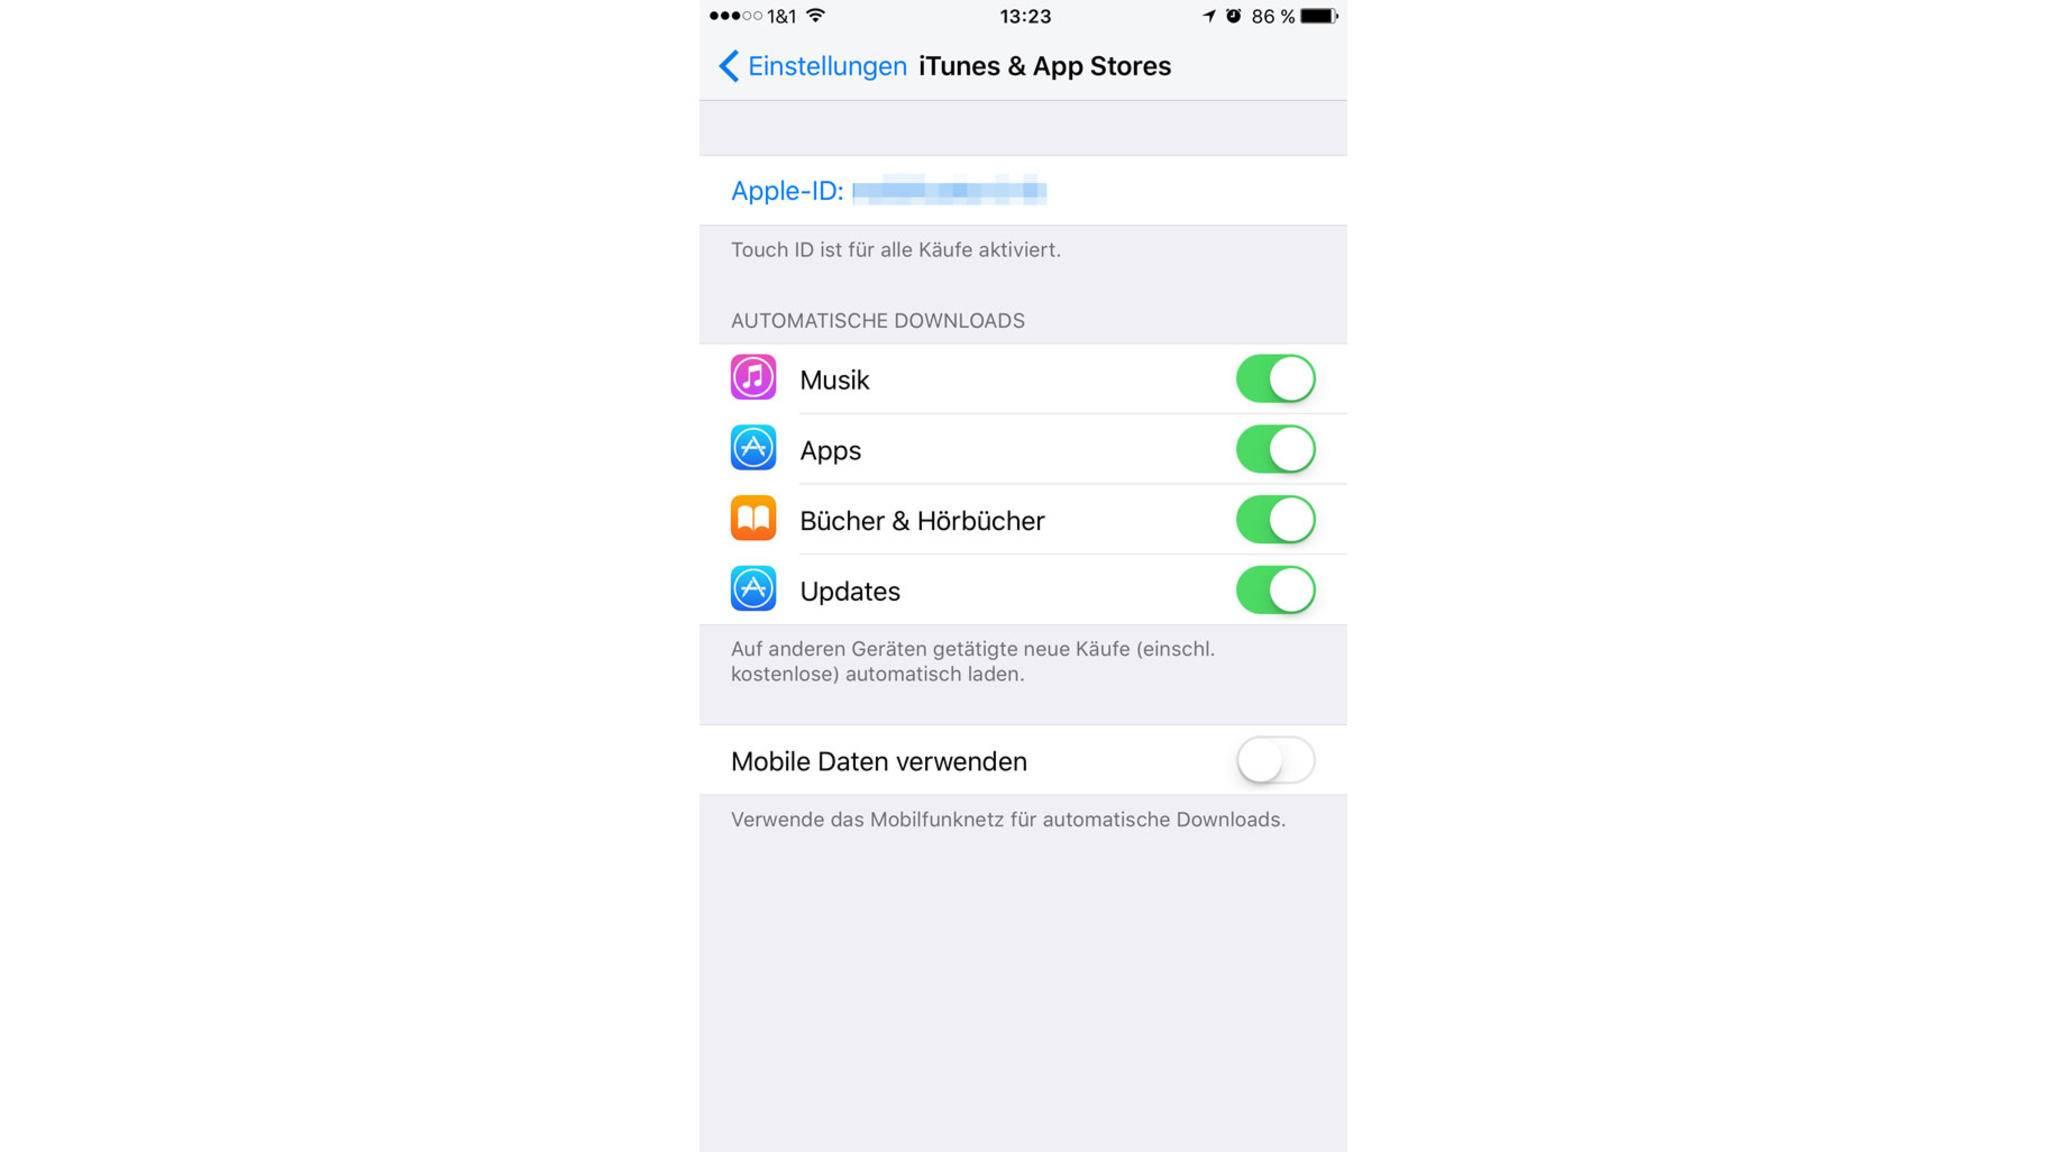 Automatische Updates sollten aktiviert werden, mobile Daten lieber nicht.